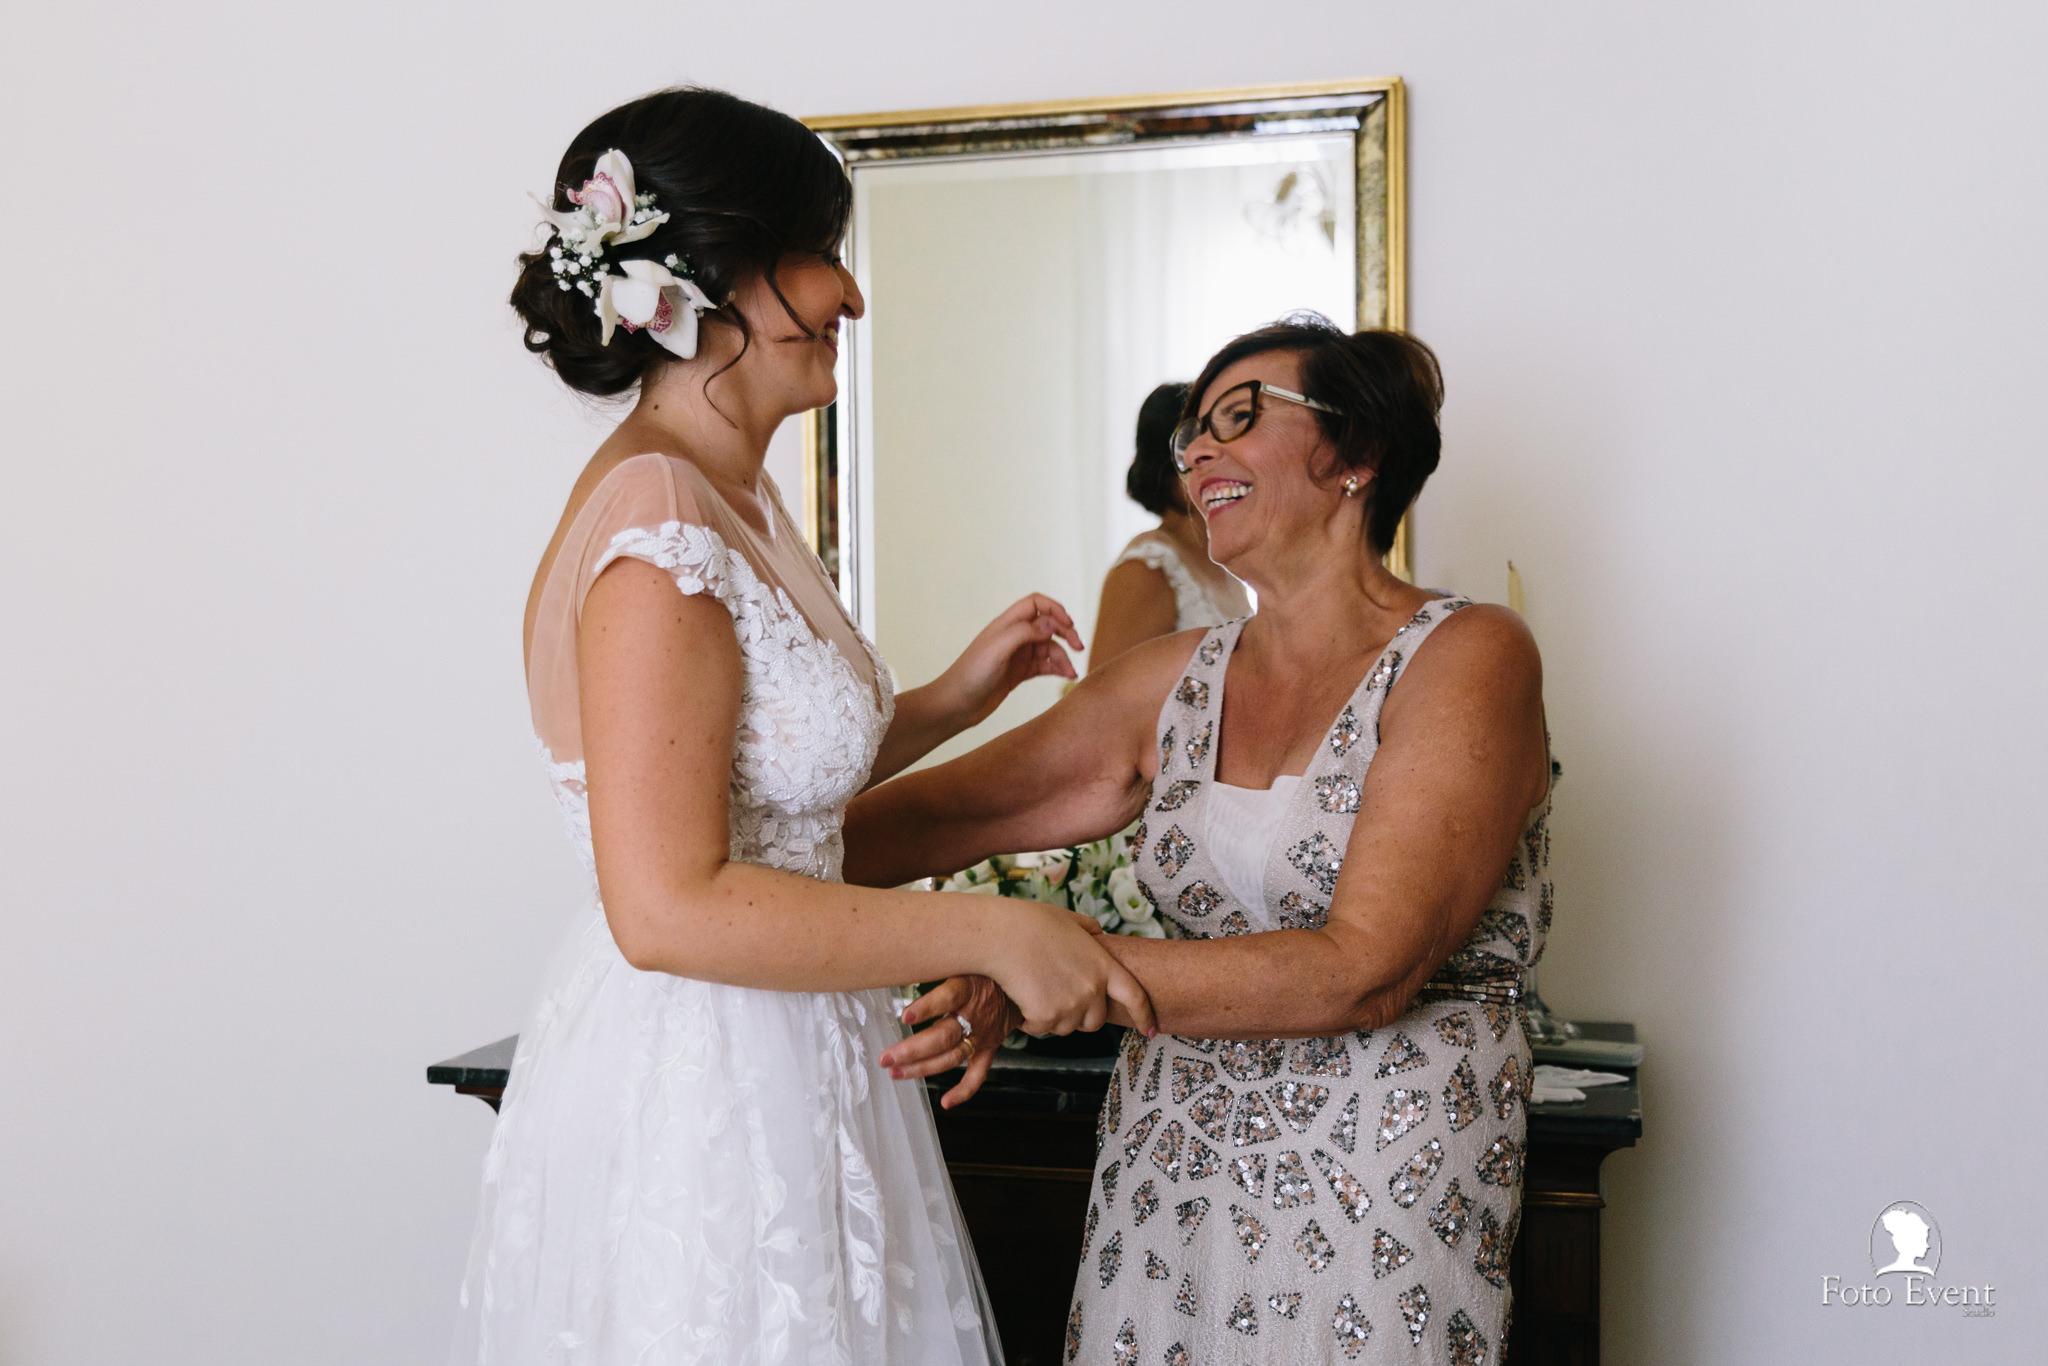 013-2019-09-09-Matrimonio-Dorotea-e-Alberto-Iemmolo-5DE-130